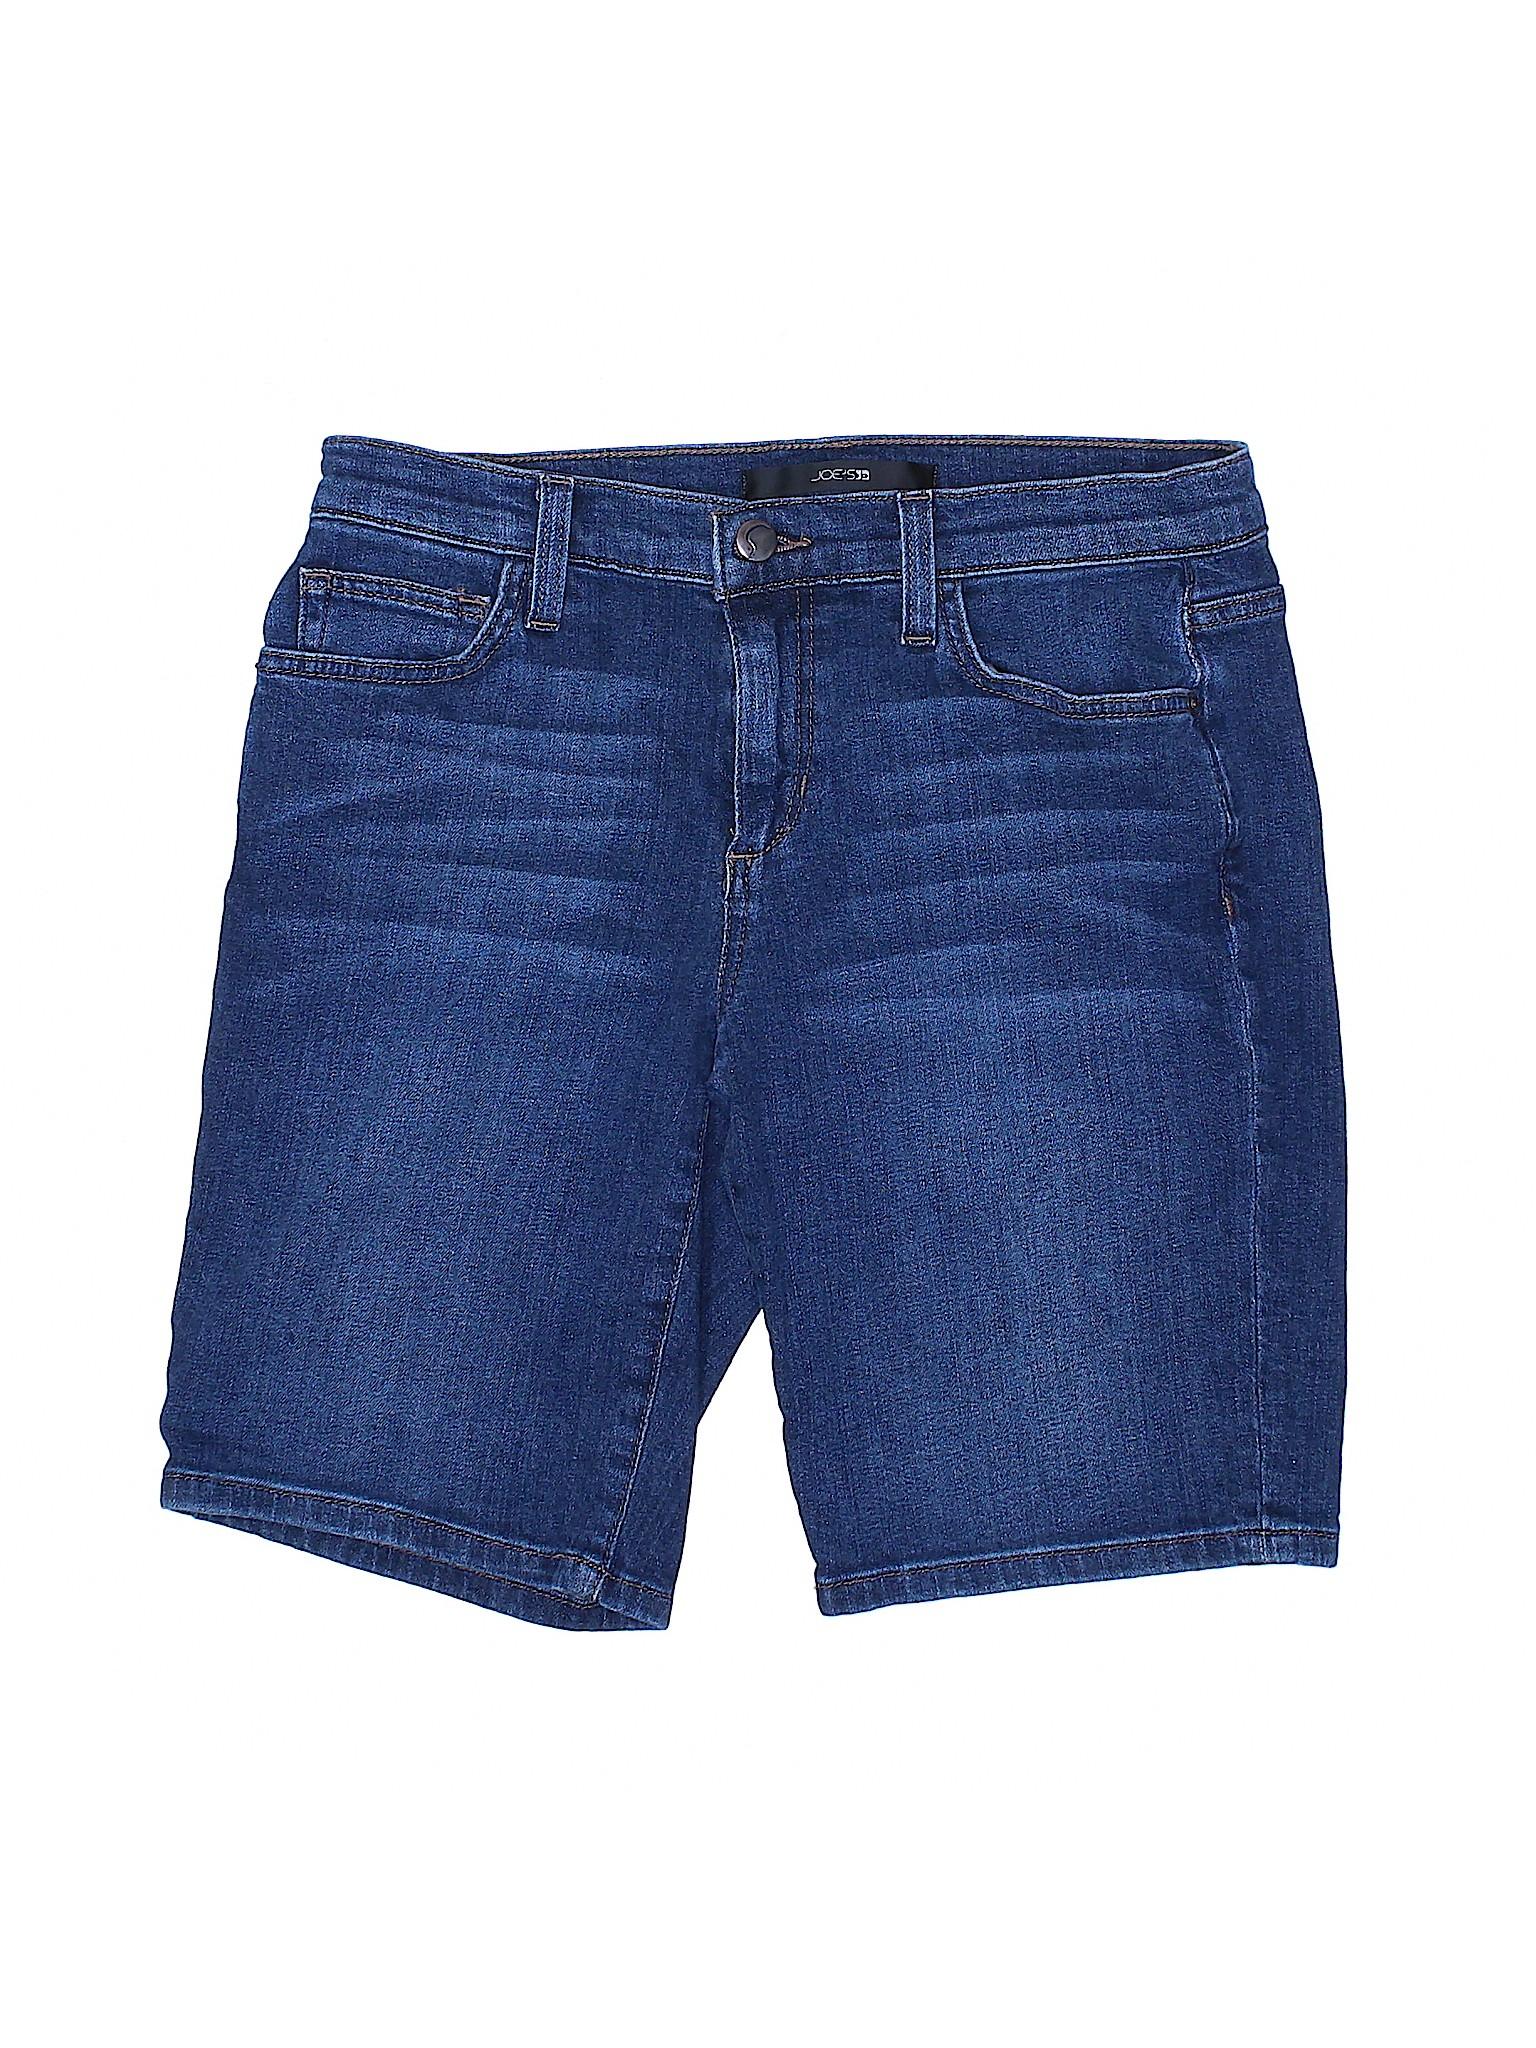 Joe's Jeans Shorts Joe's Denim Denim Shorts Joe's Denim Boutique Jeans Joe's Jeans Boutique Boutique Boutique Shorts xqwO878